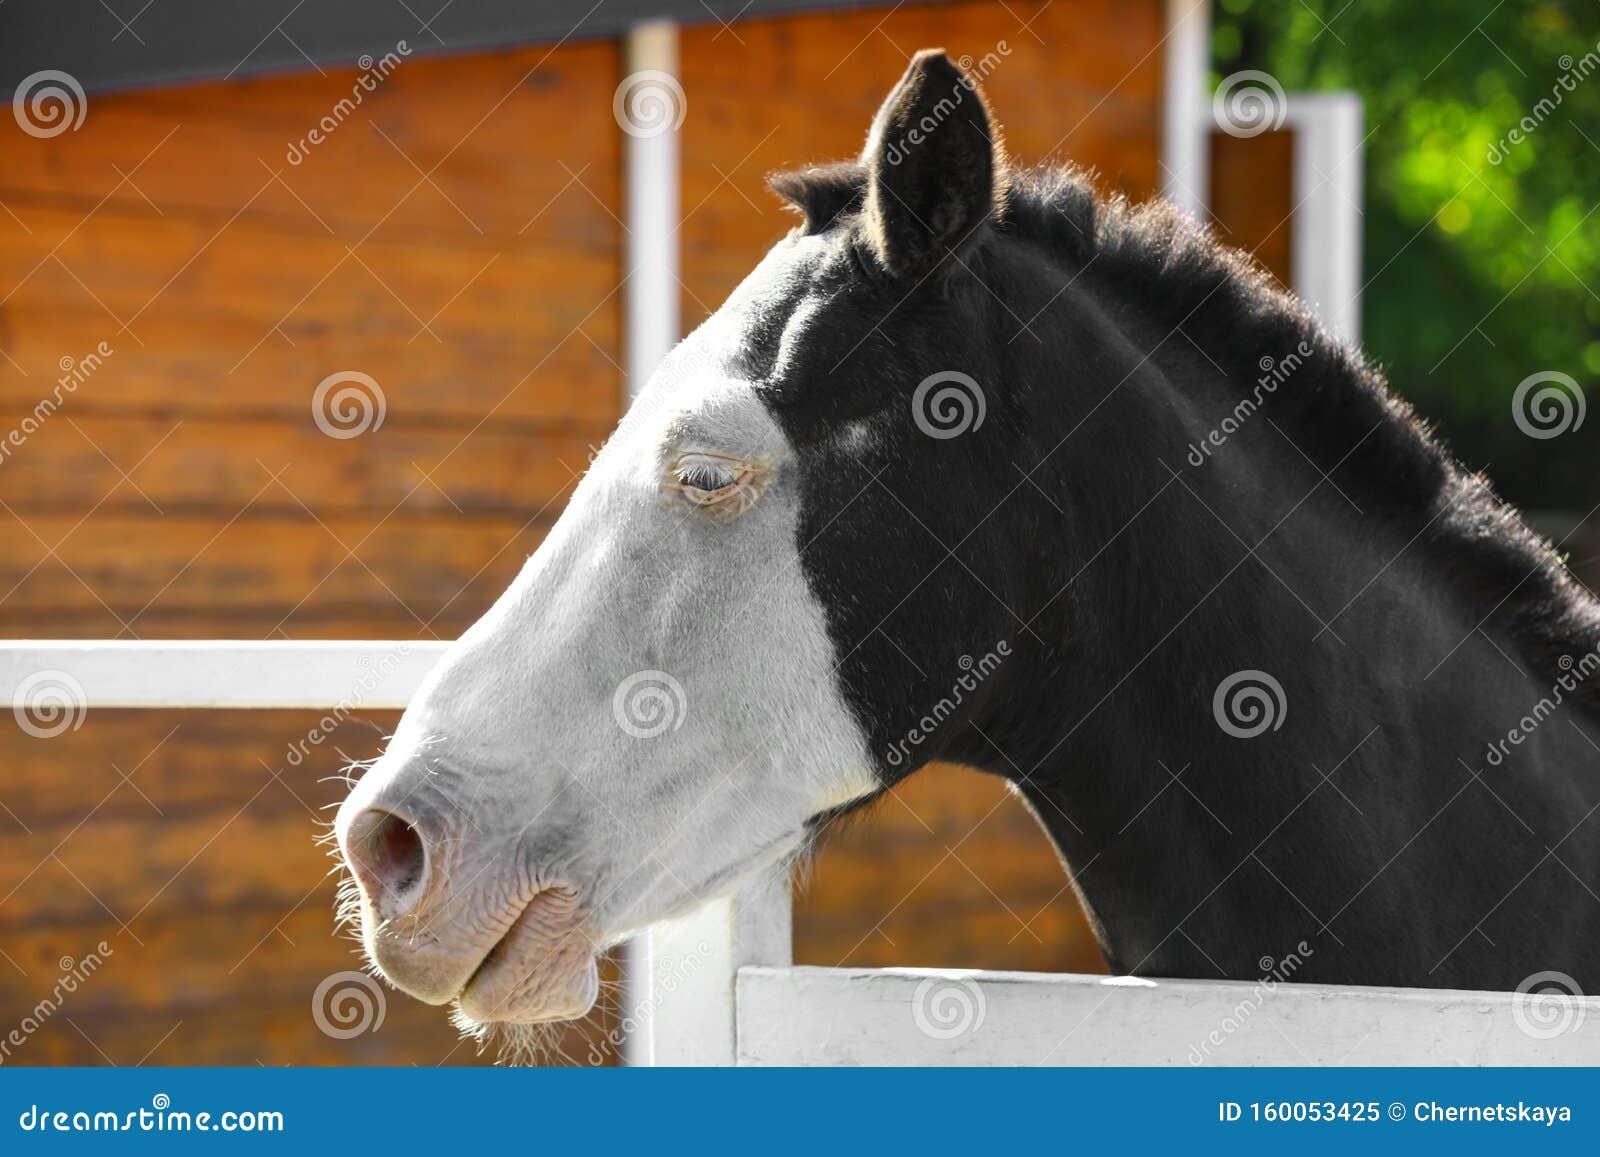 Splashed White Horse At Light Fence Stock Image Image Of Breed Horse 160053425